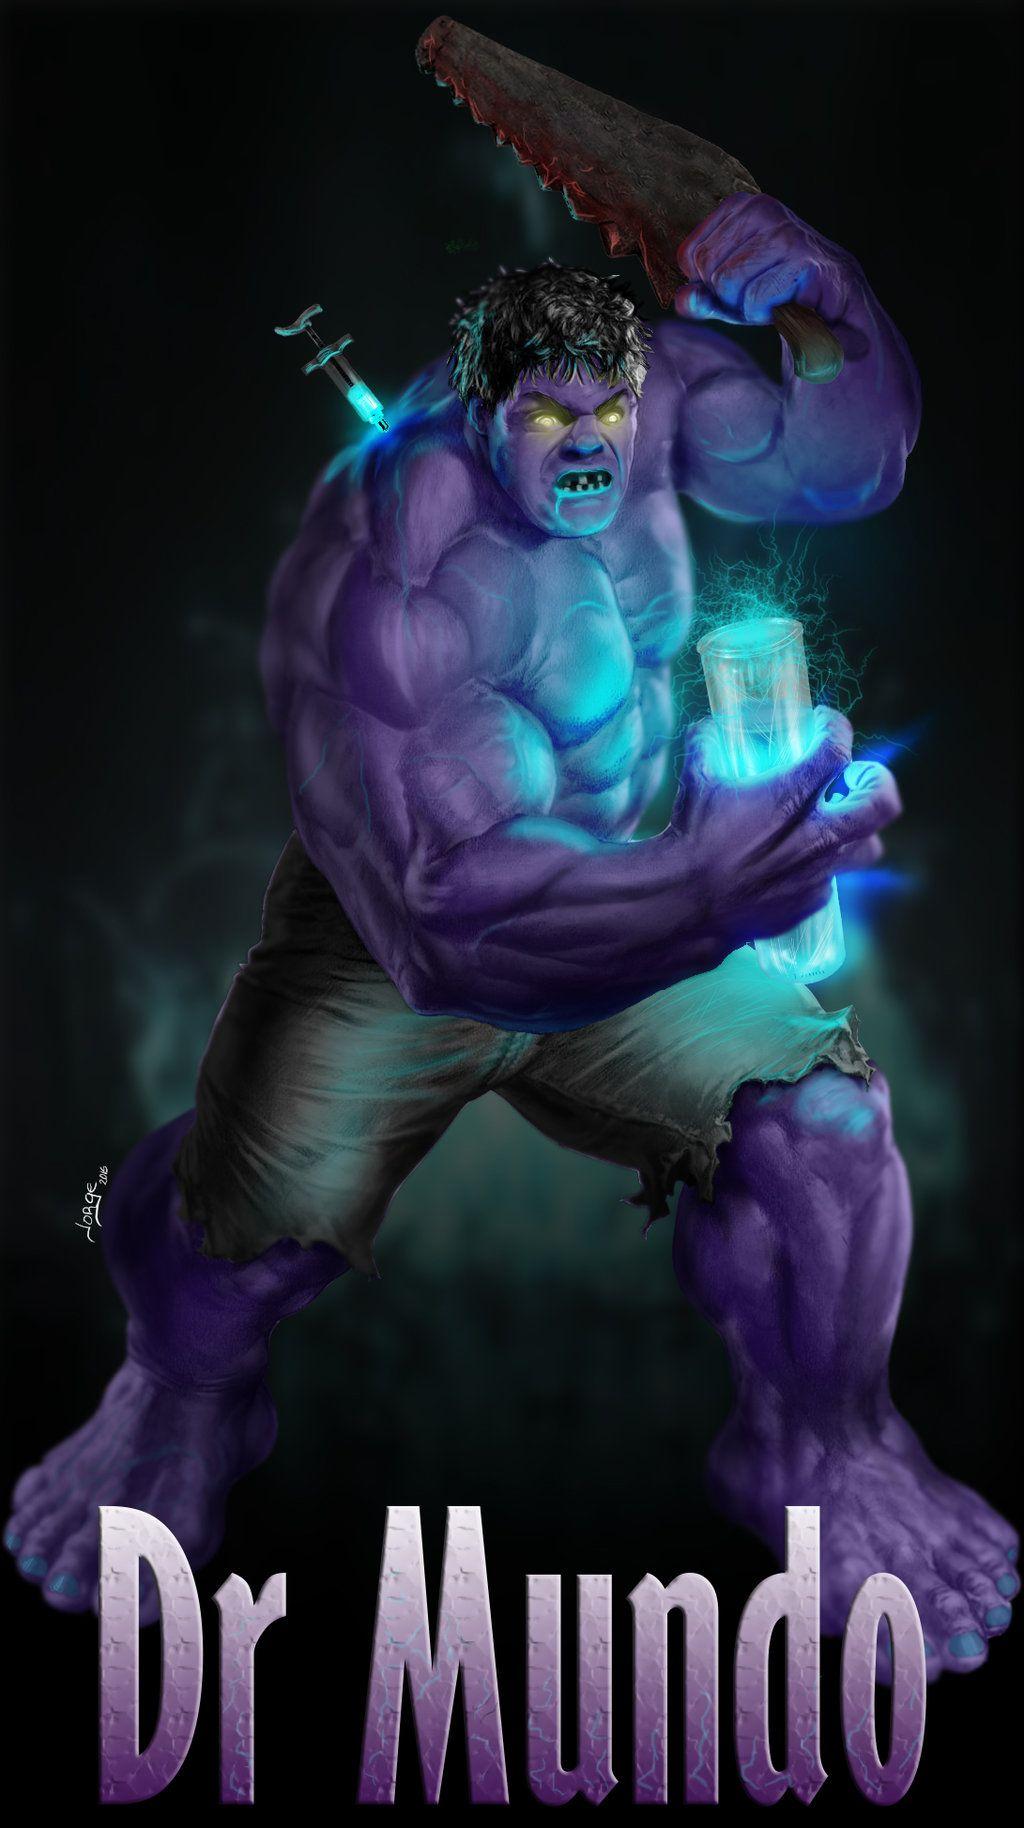 #Hulk #Fan #Art. (Dr mundo: League of Legends) By: Jorgux. (THE * 5 * STÅR * ÅWARD * OF: * AW YEAH, IT'S MAJOR ÅWESOMENESS!!!™)[THANK Ü 4 PINNING!!!<·><]<©>ÅÅÅ+(OB4E)